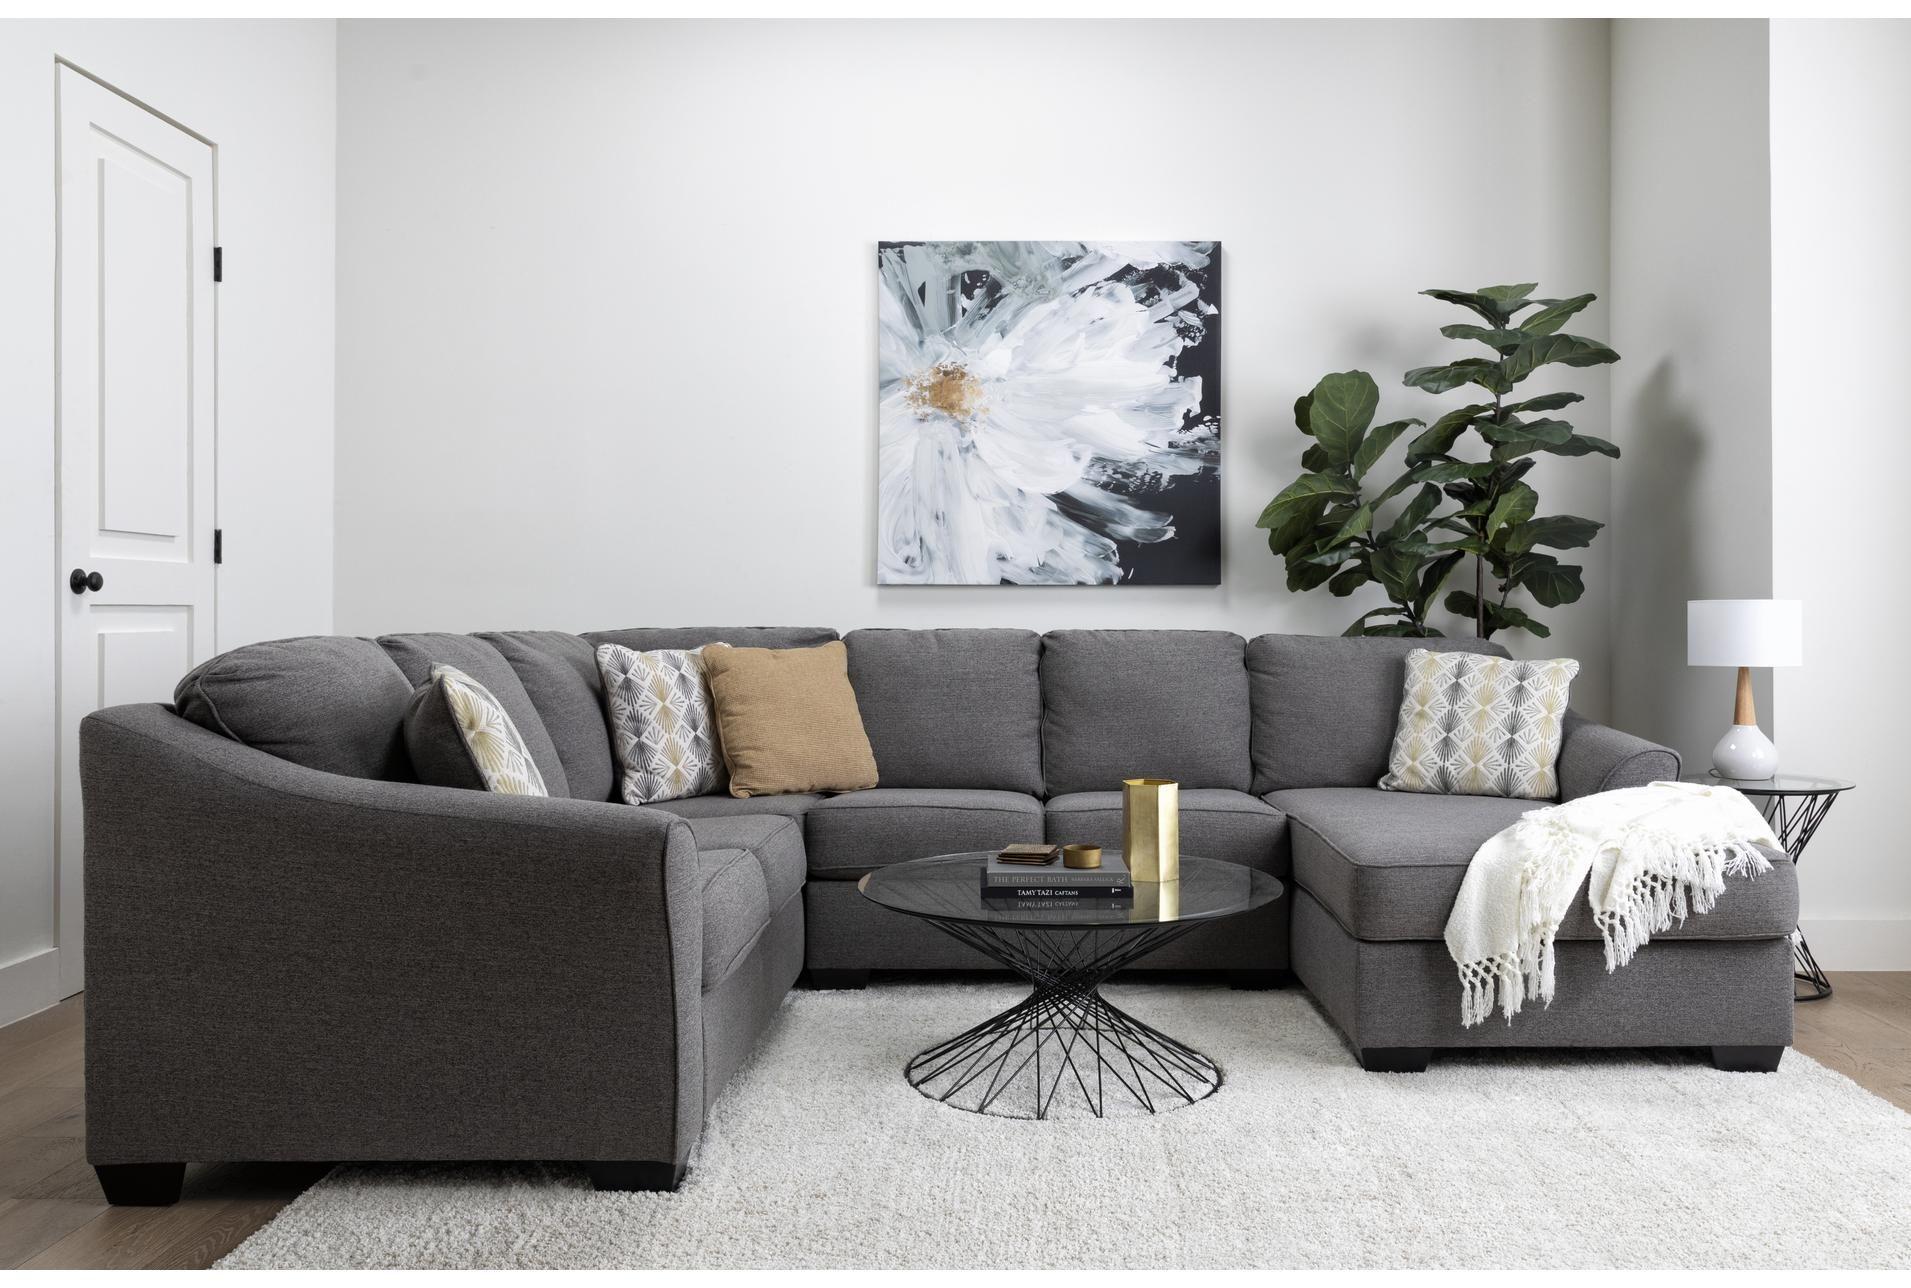 90x114 Rug Elation Shag Heather Ivory Sectional Sofa 3 Piece Sectional Sofa Sectional Sofa Couch [ 1288 x 1911 Pixel ]